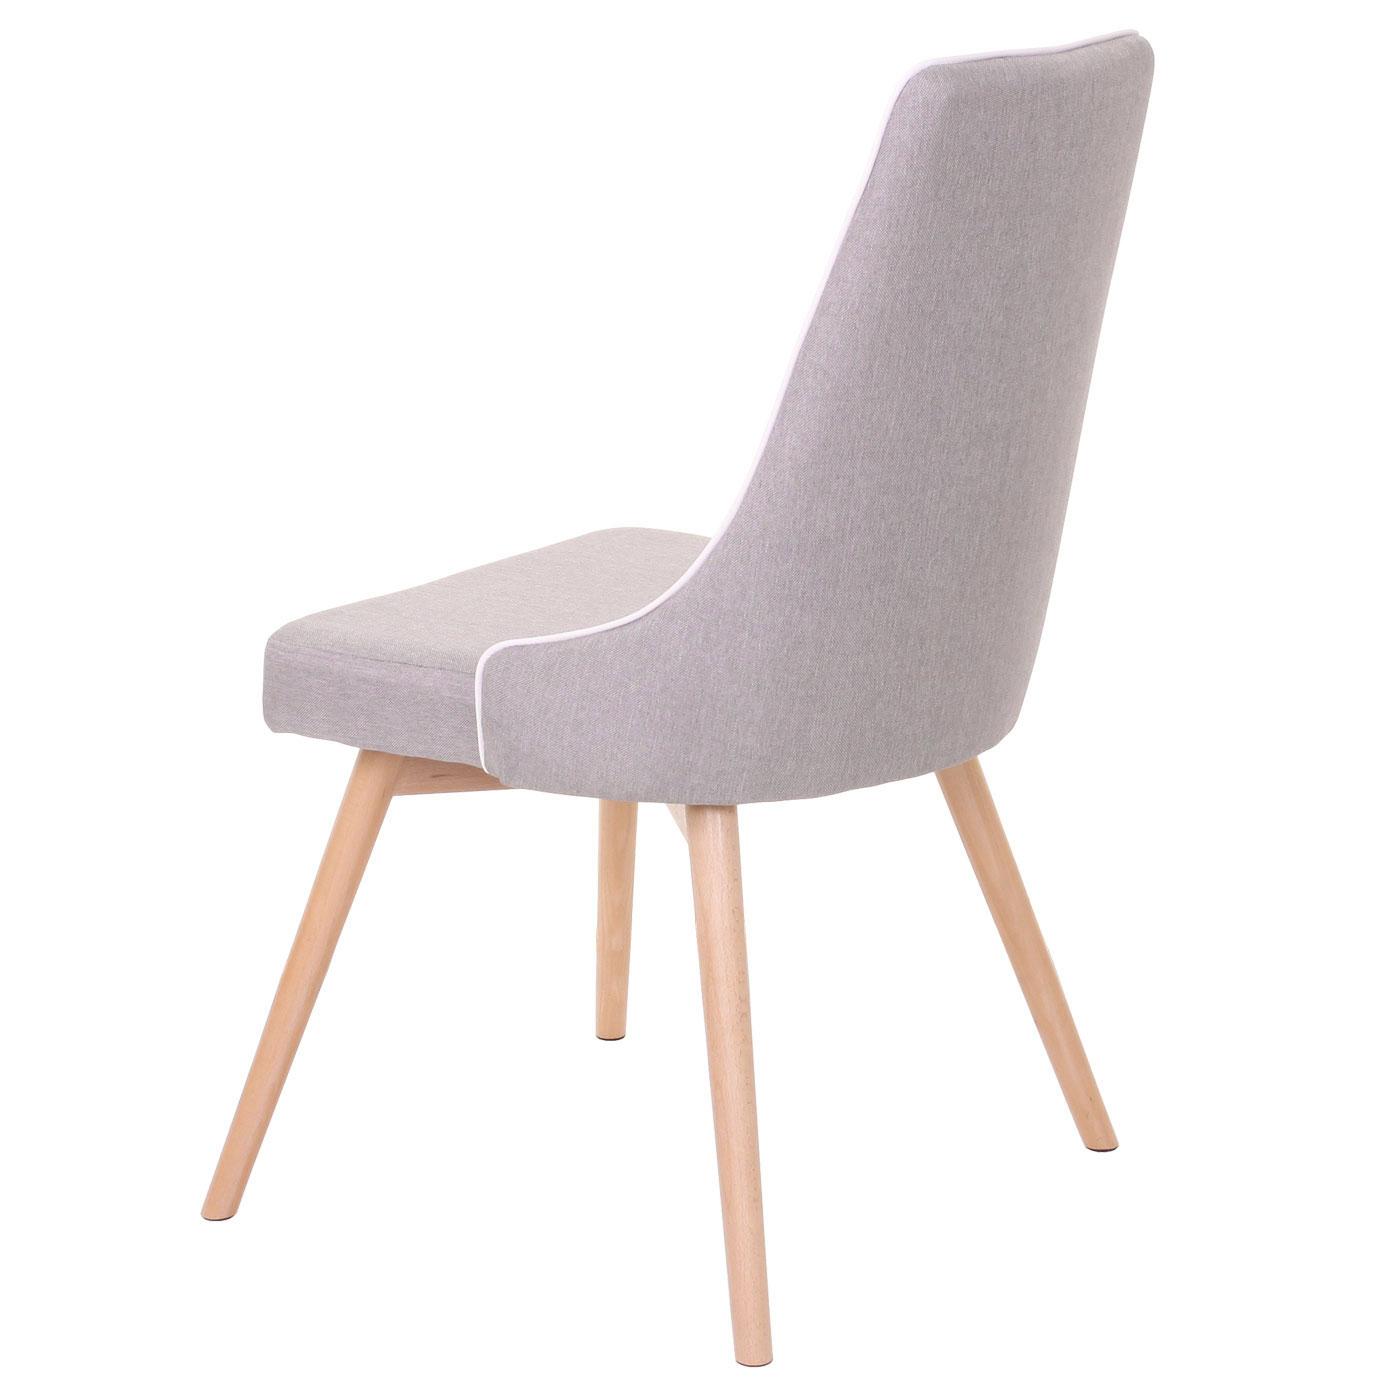 2x Esszimmerstuhl HWC B44, Stuhl Küchenstuhl, Retro 50er Jahre Design StoffTextil grau